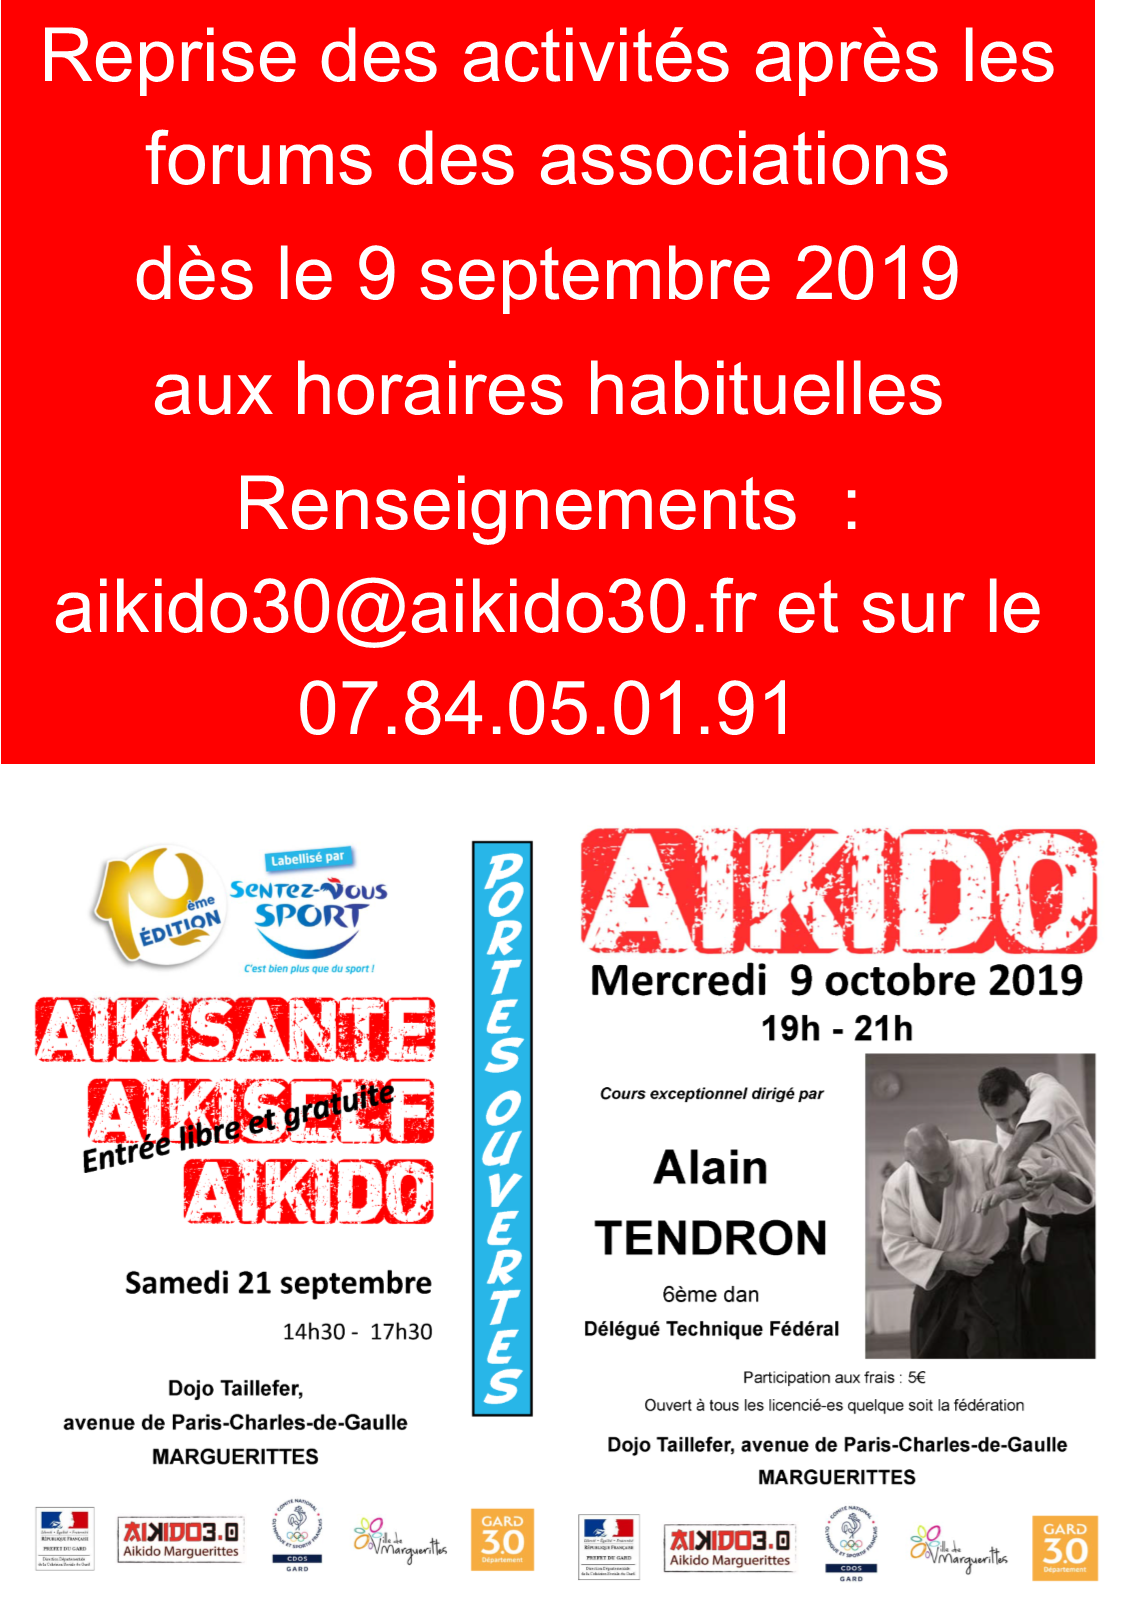 Reprise des activités dès le 9 septembre 2019 – Sentez-vous Sport le 21 septembre avec Aikido Marguerittes- Stage avec Alain Tendron le mercredi 9 octobre de 19h à 20h à Marguerittes